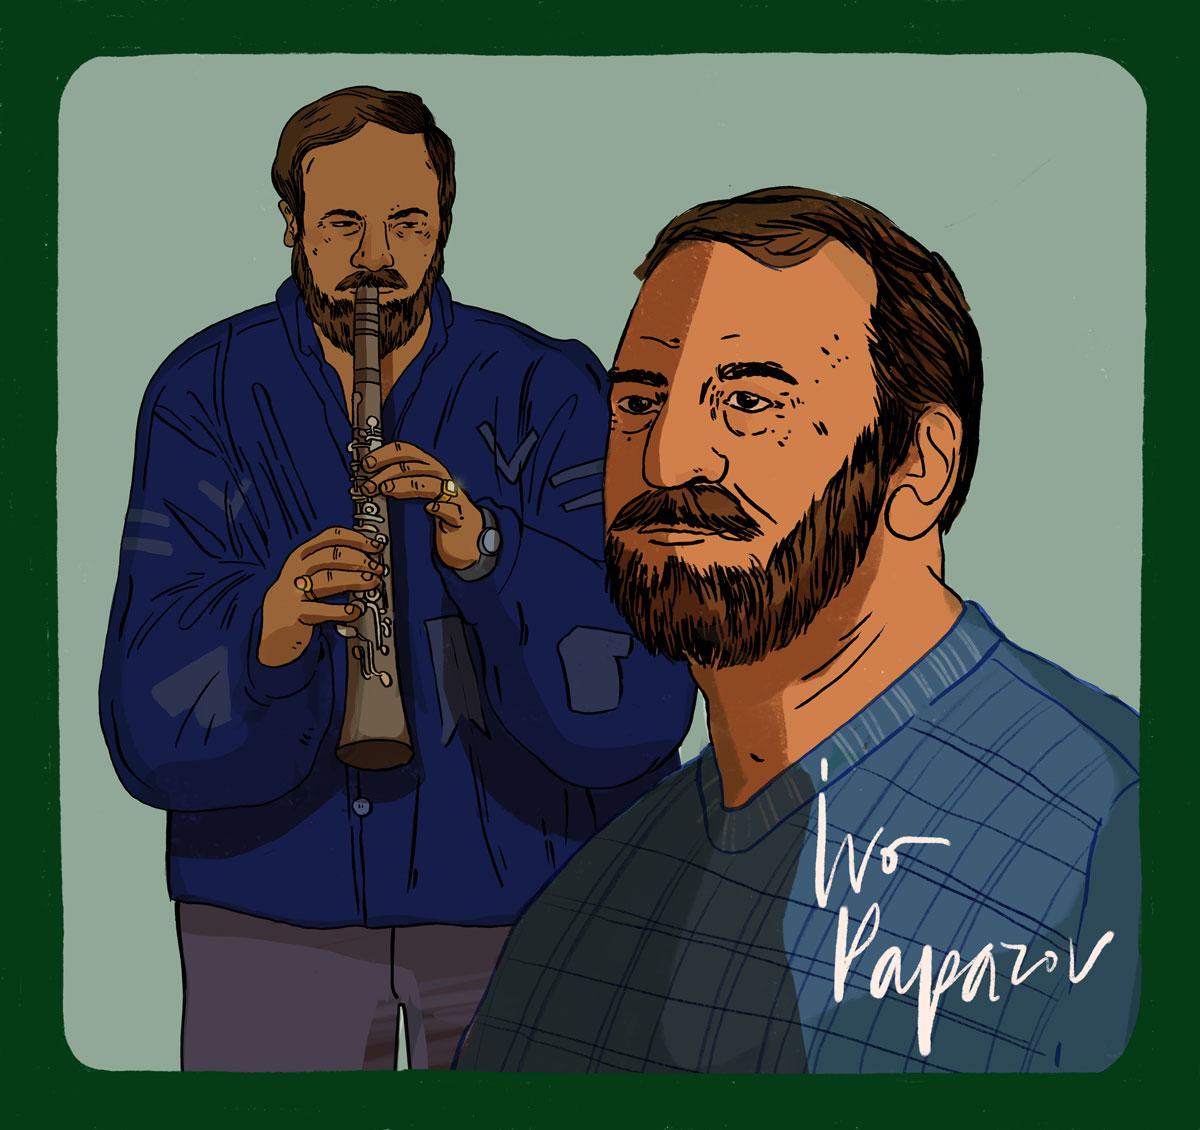 Ivo_Papazov